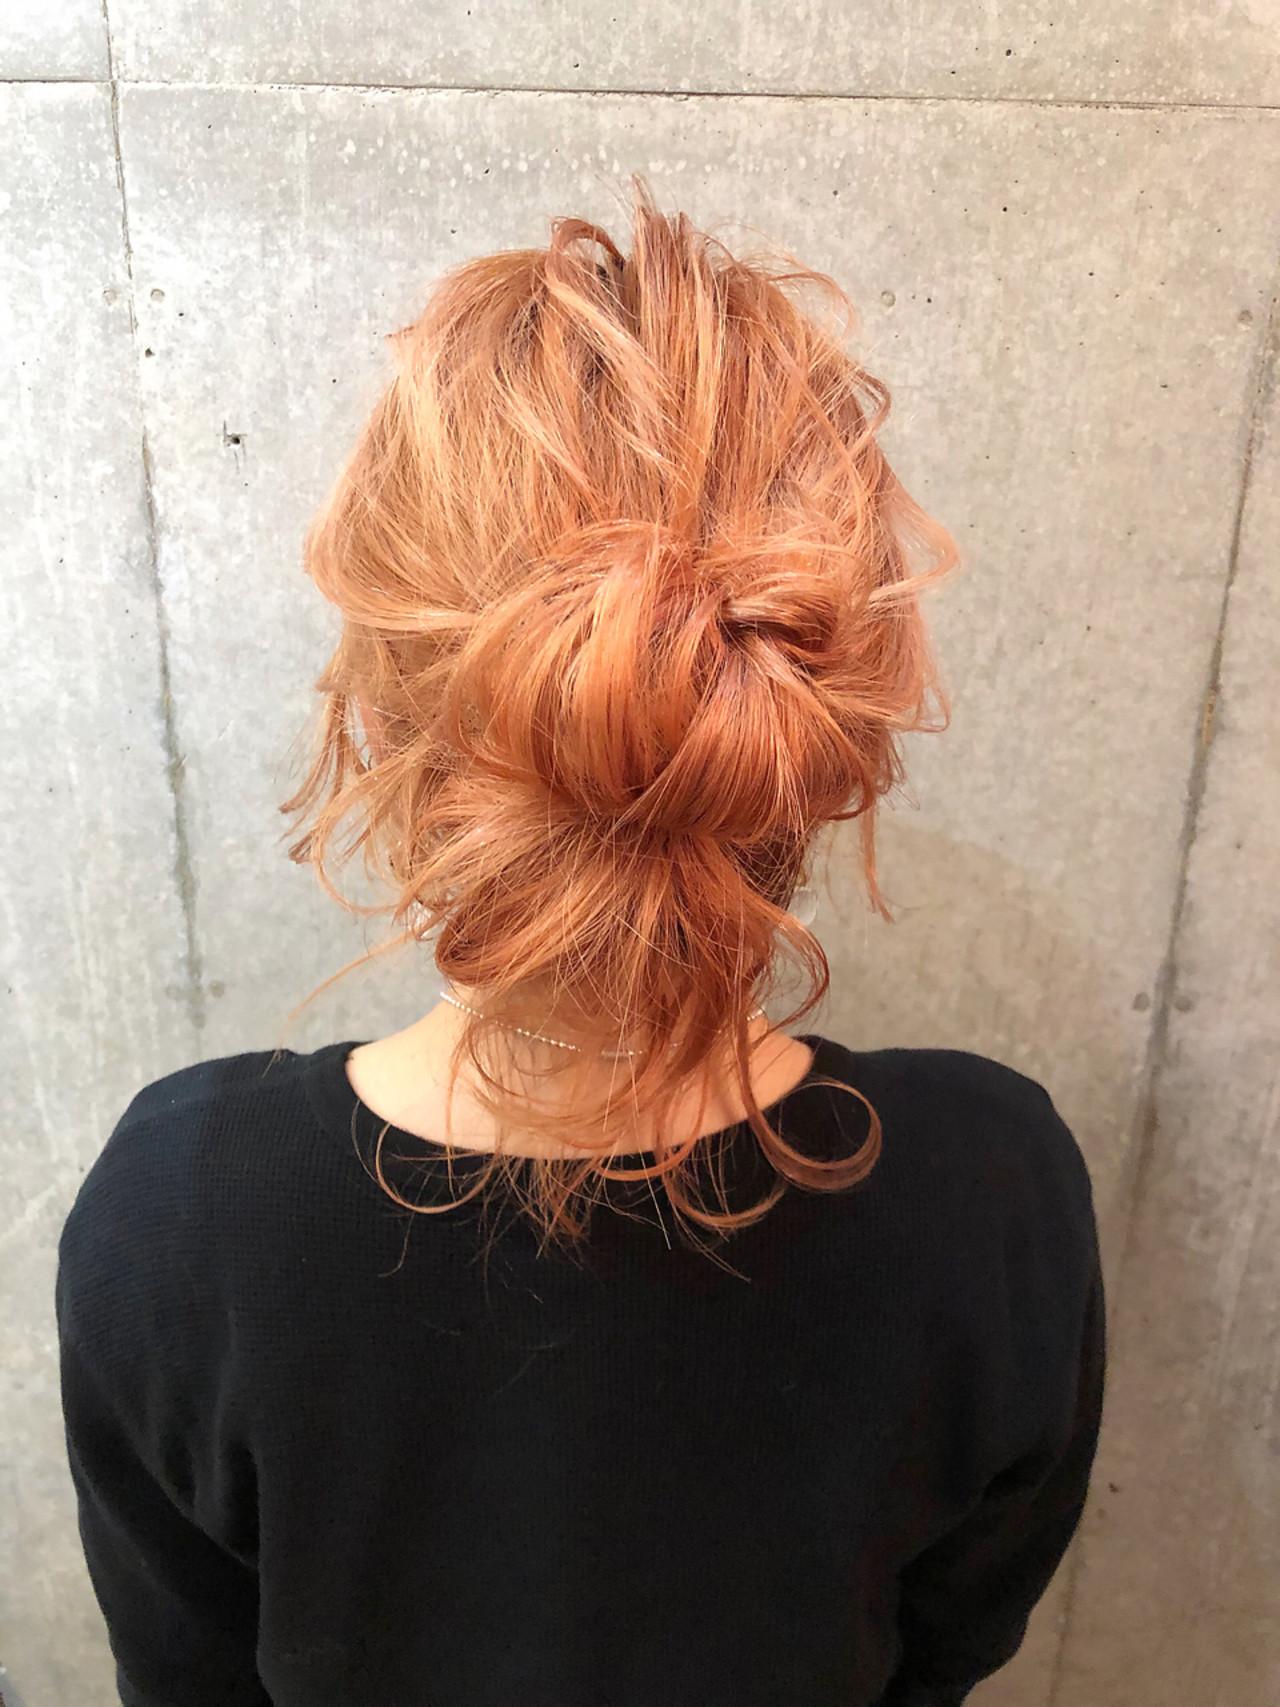 結婚式髪型 アップ 結婚式ヘアアレンジ 結婚式 ヘアスタイルや髪型の写真・画像 | 斉藤潤一 / ROCO  SPEARZ